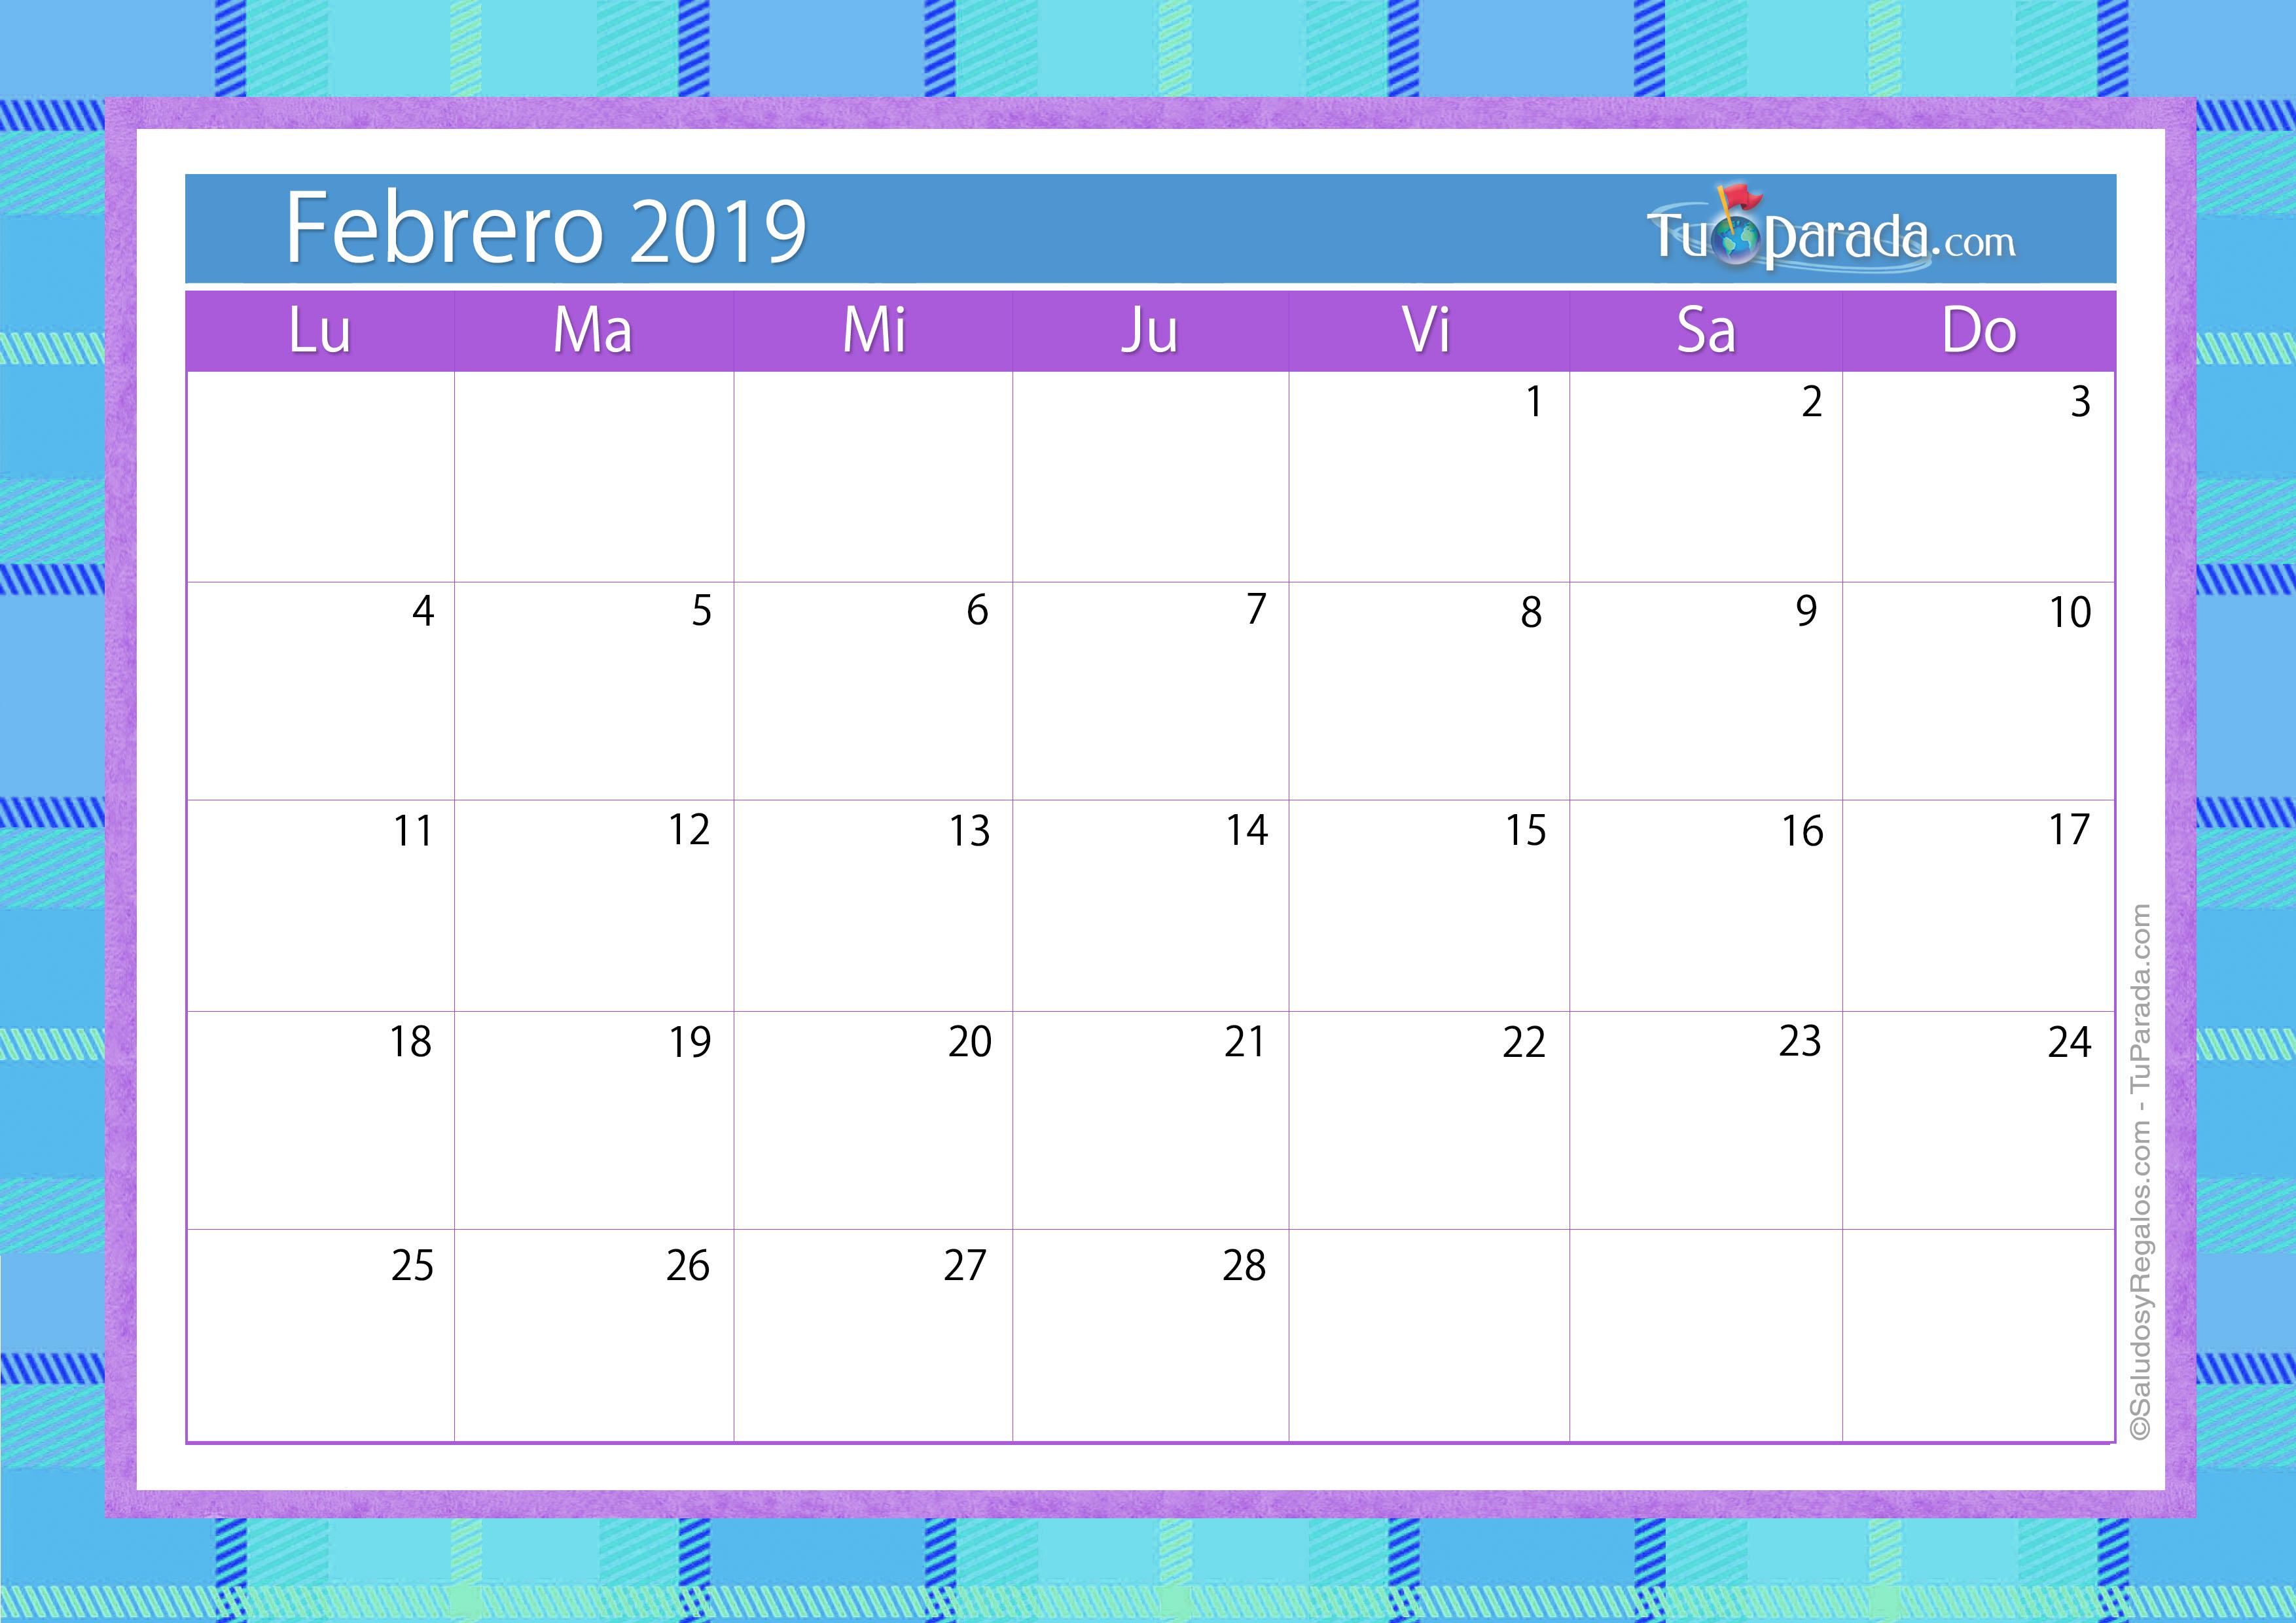 Febrero 2019 Calendario.Calendario Deco Febrero 2019 Calendario Deco 2019 Tarjetas